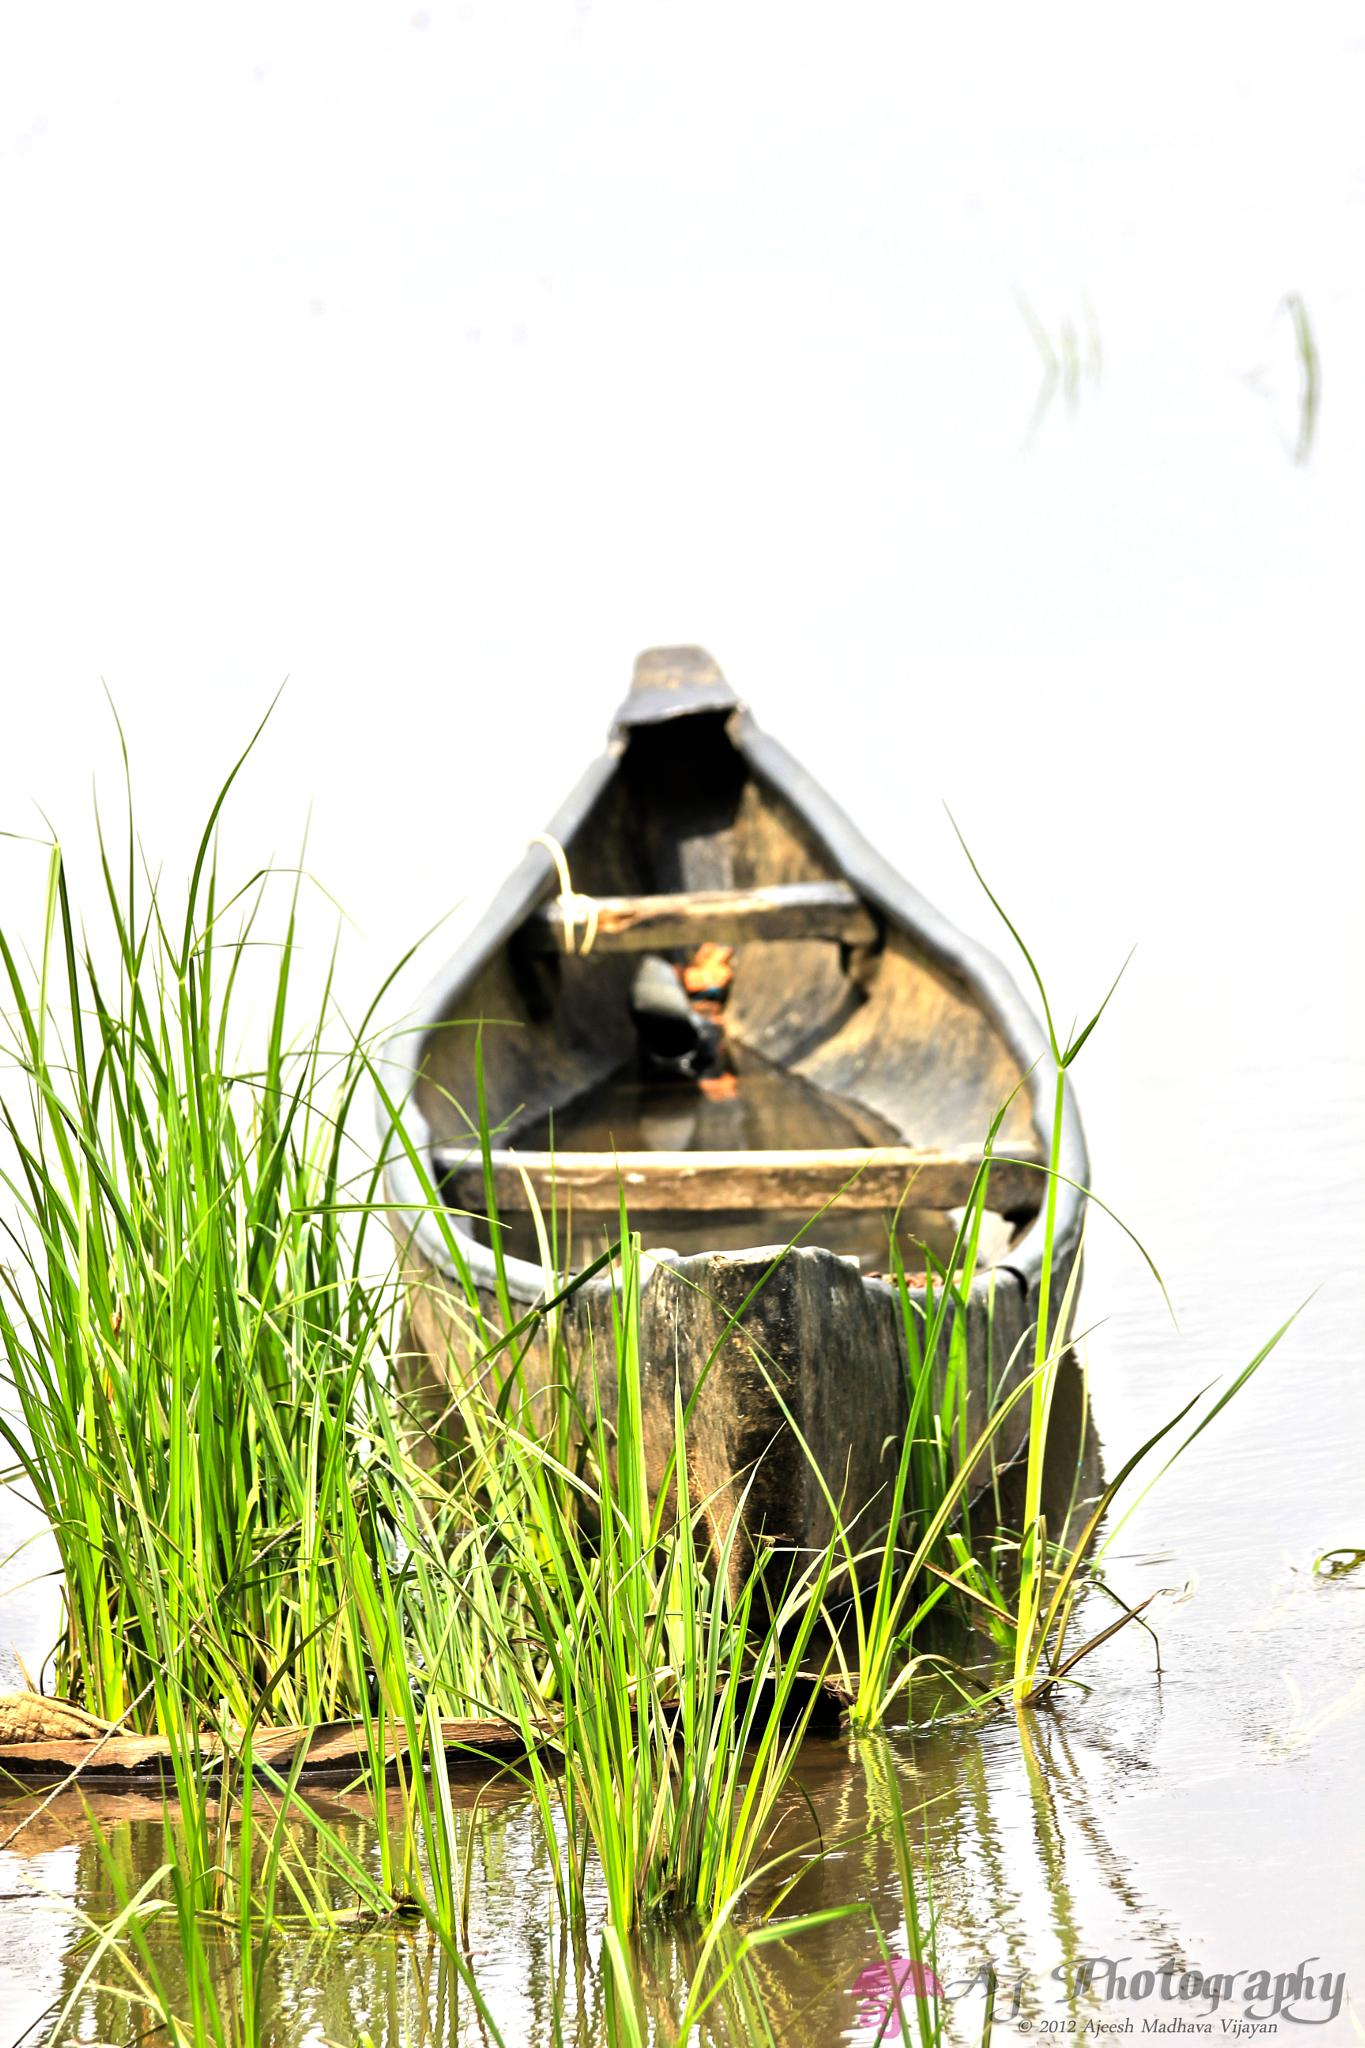 Lone Boat by SacredLove